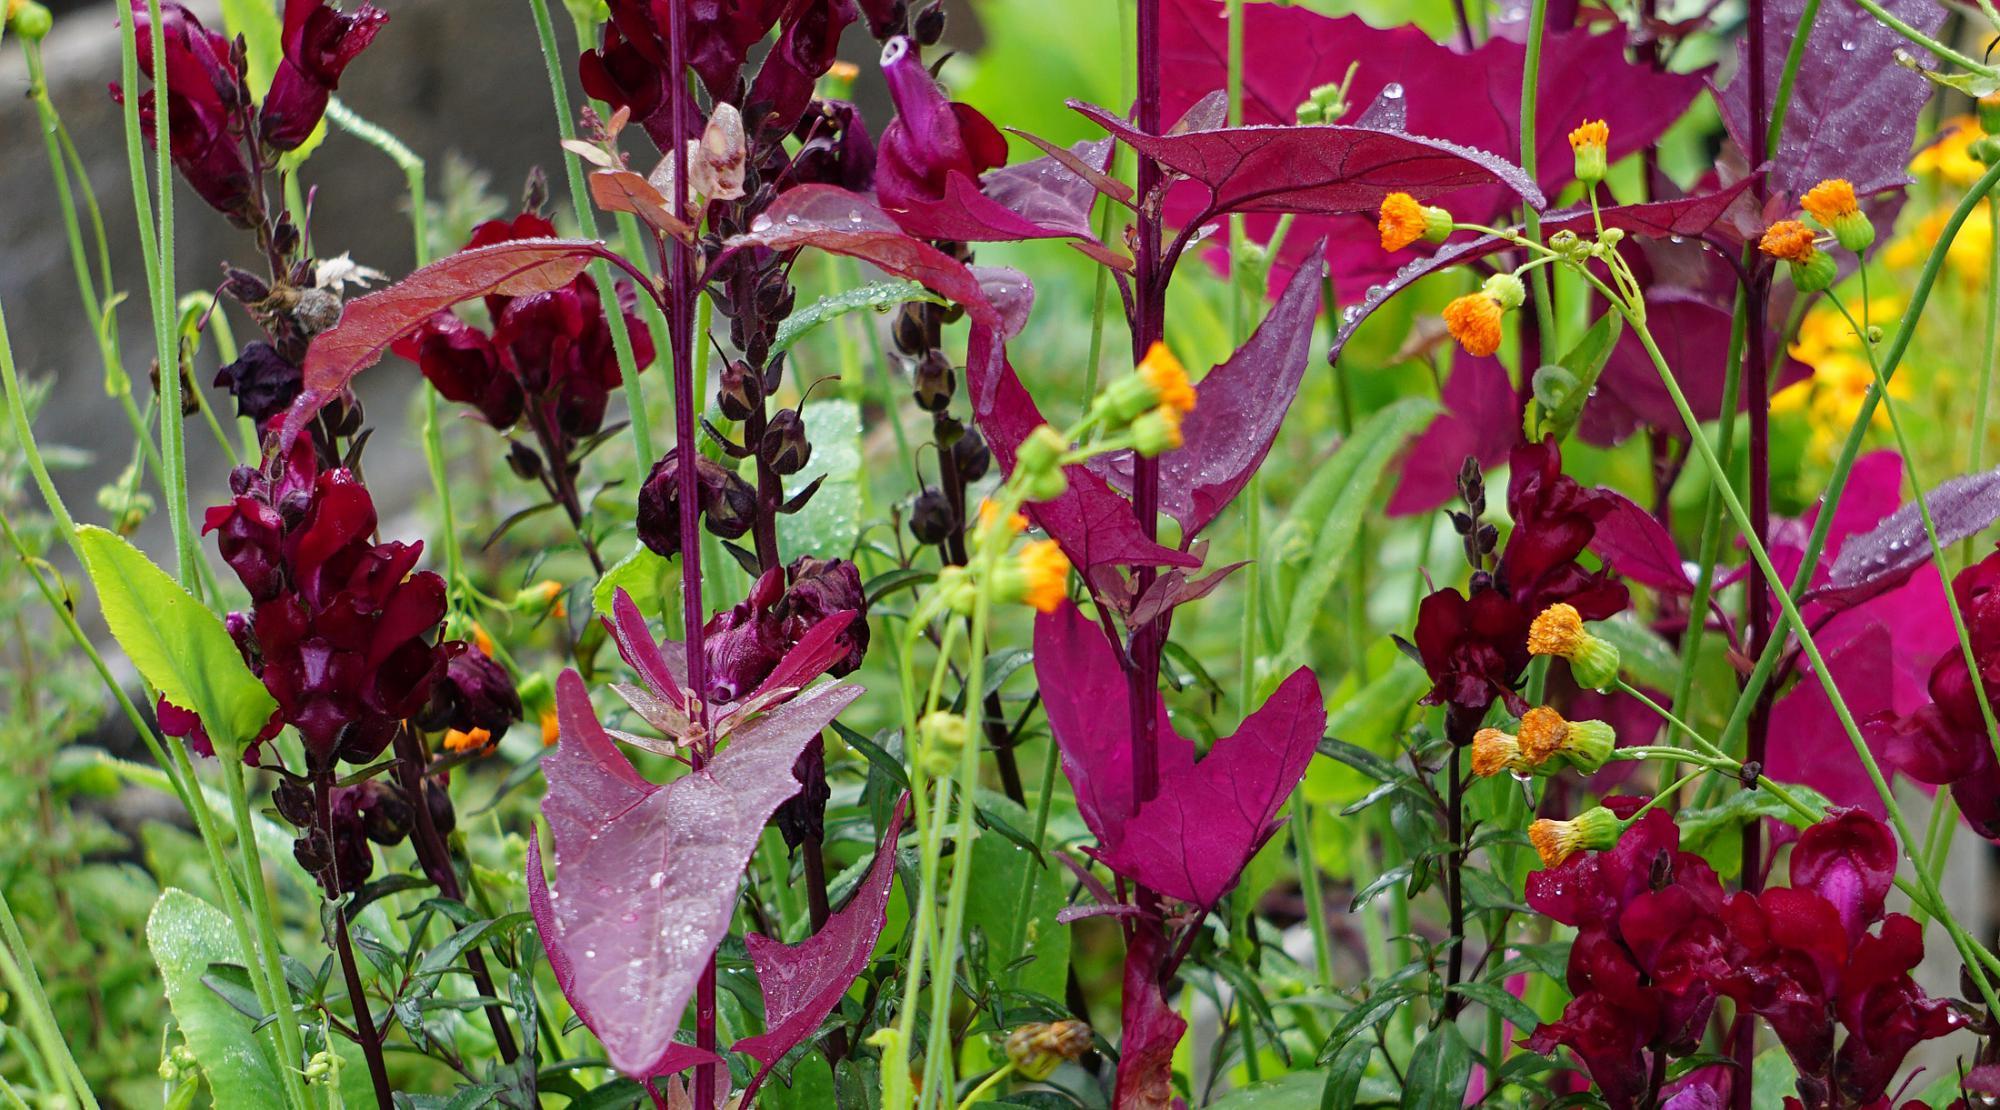 Forschungsprojekt – Gemüseanbau in Pflanzgefässen